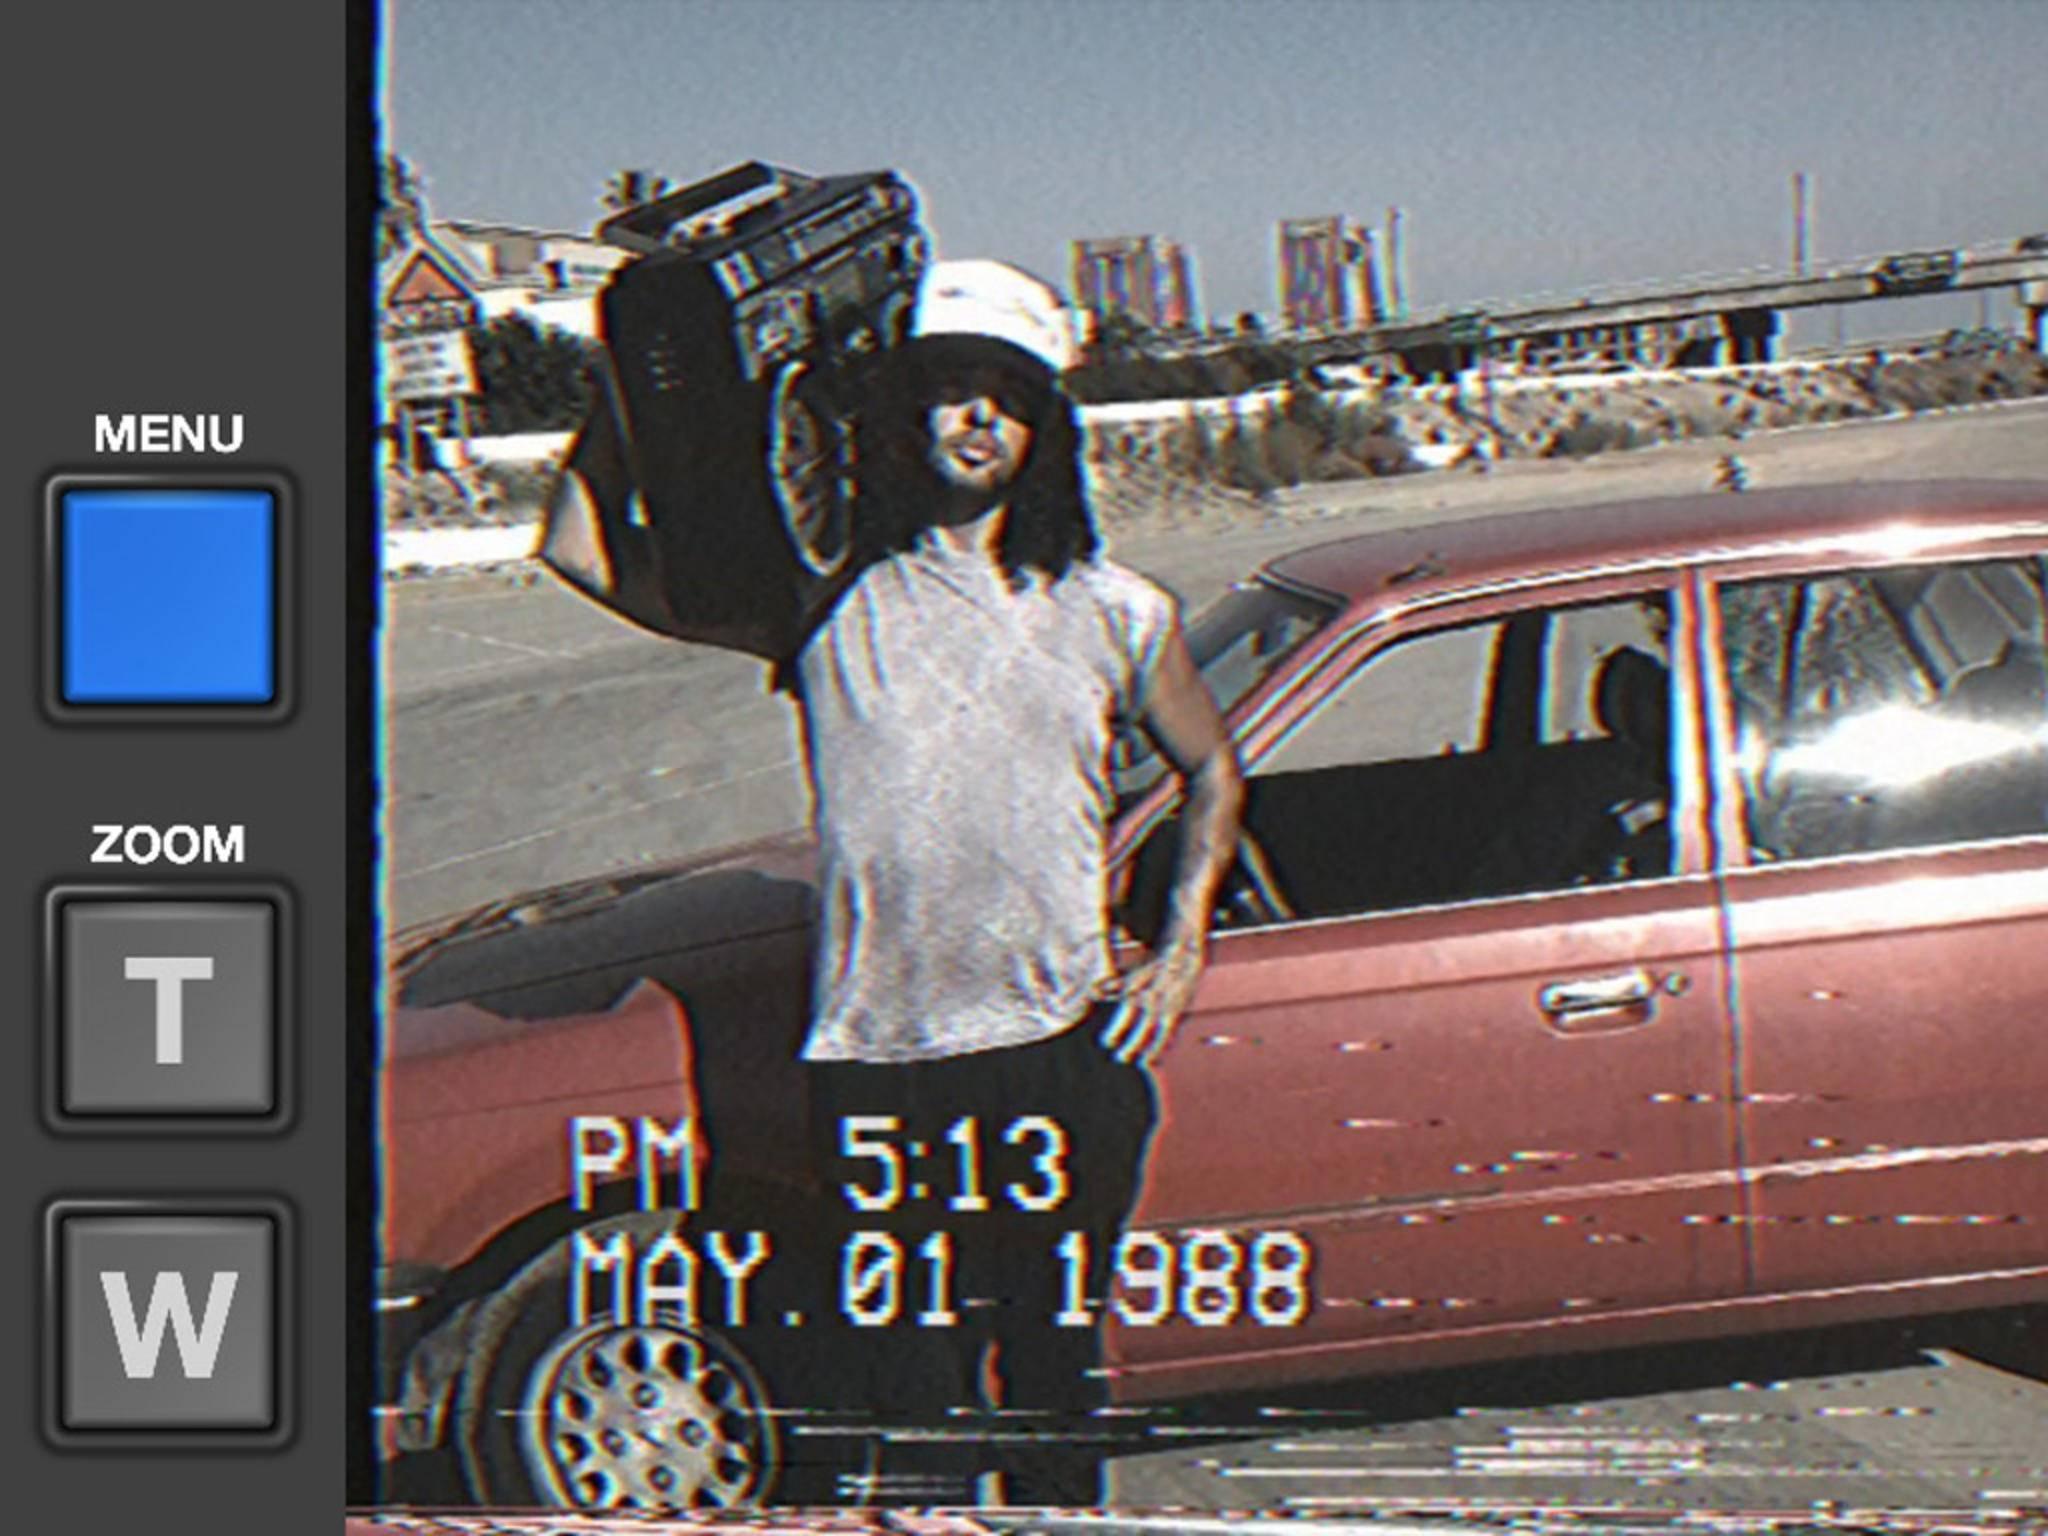 Die iPhone-App VHS Camcorder lässt den guten alten Look der Videokassette aufleben.